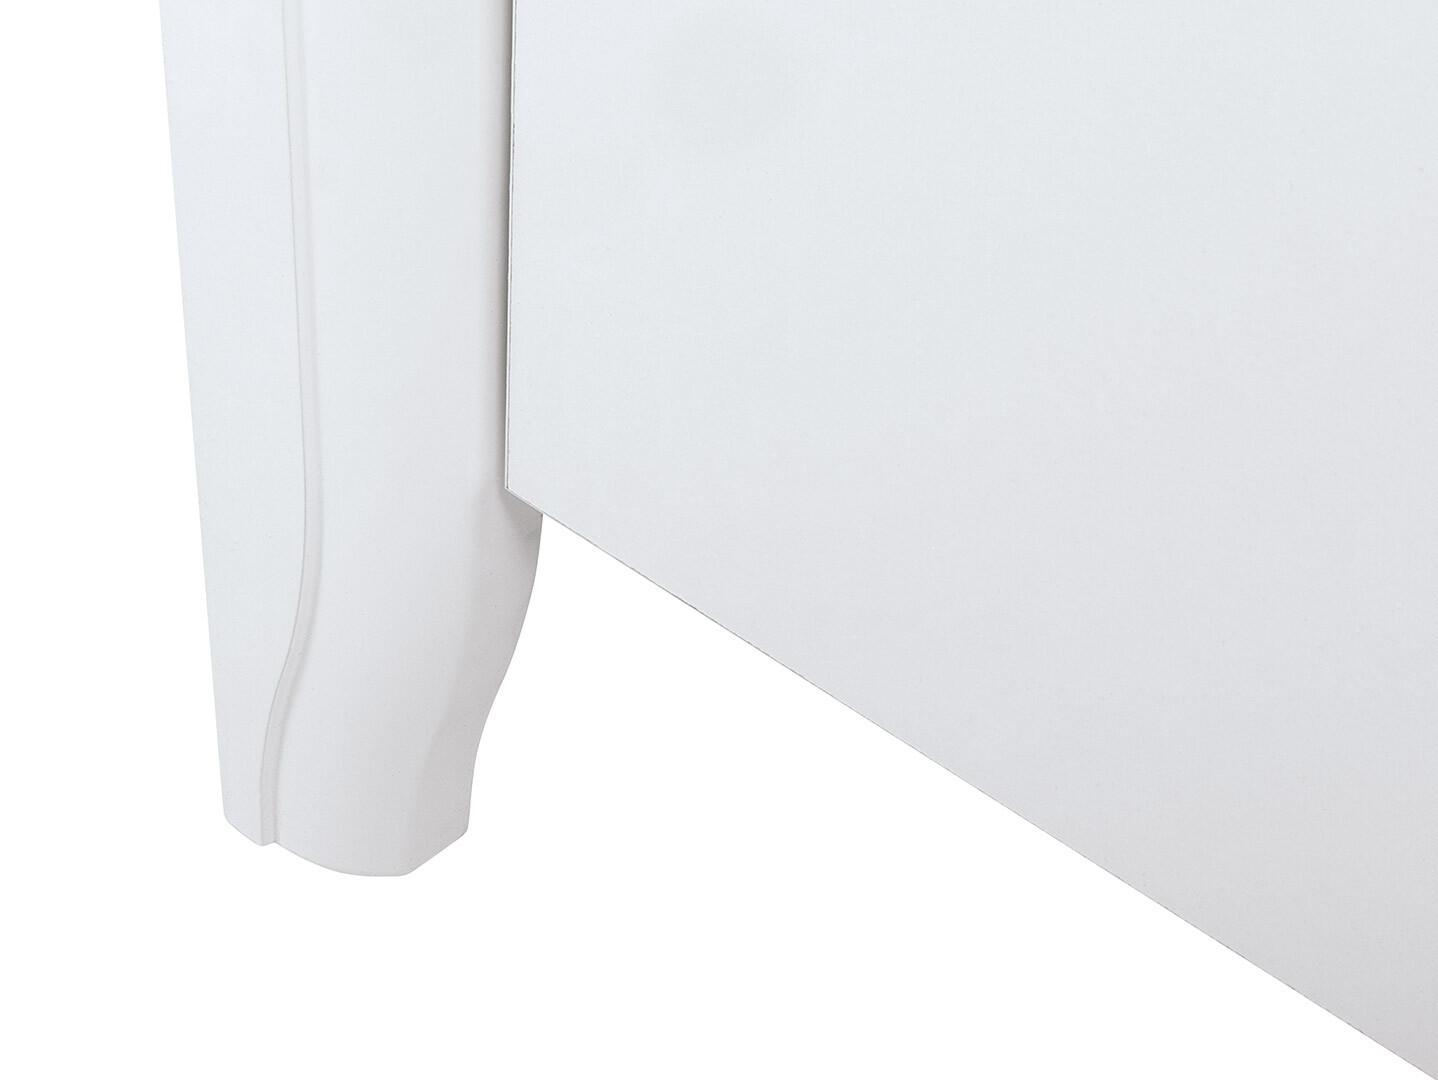 Vitrína KALIO REG1W2S biely lesk/ akácia zlatá/ biely lesk